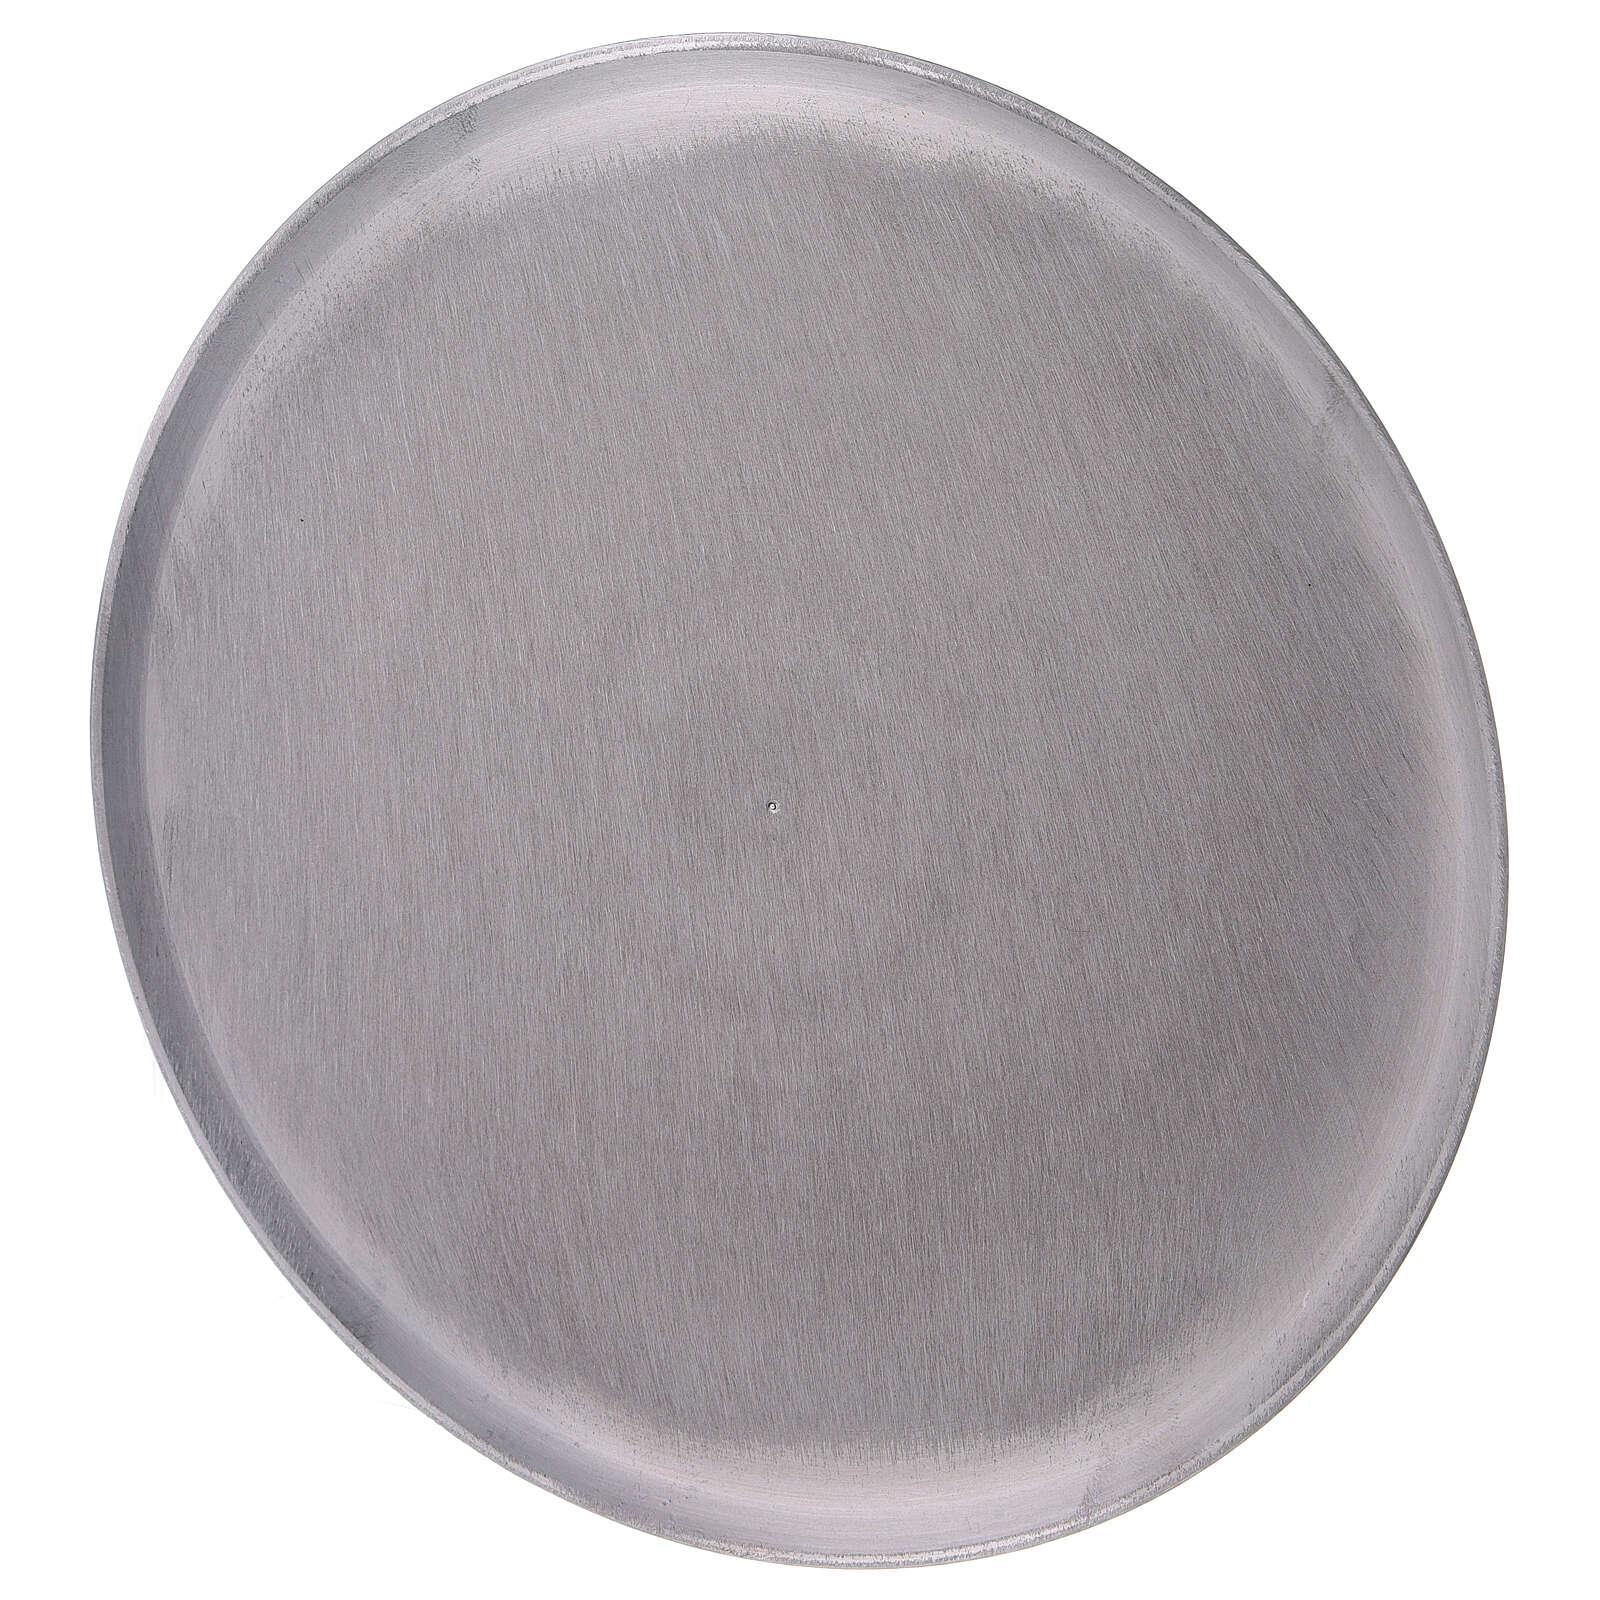 Round plate satin finish aluminium diameter 8 1/4 in 3